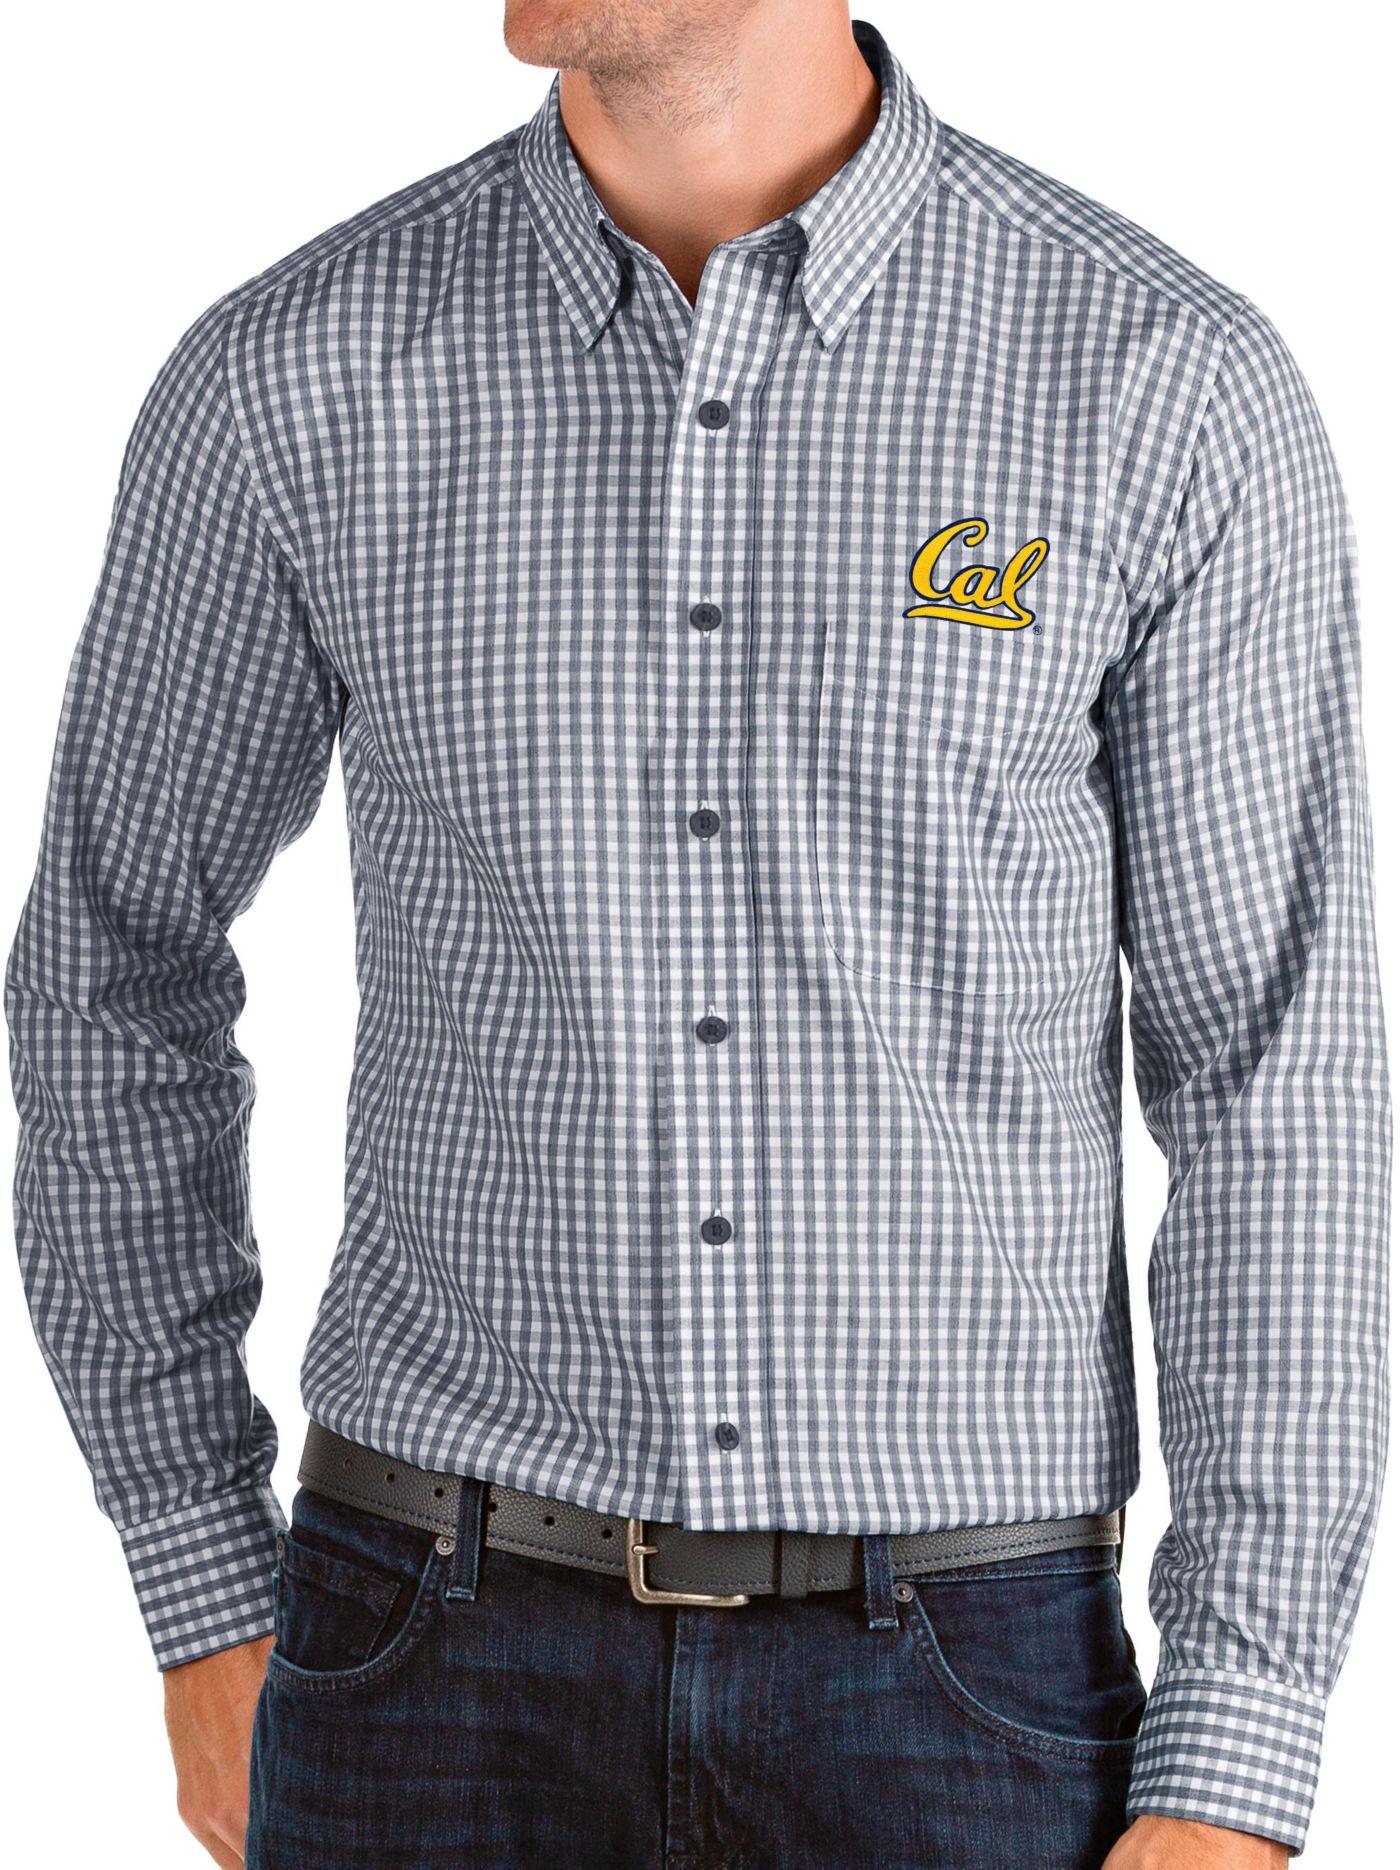 Antigua Men's Cal Golden Bears Blue Structure Button Down Long Sleeve Shirt